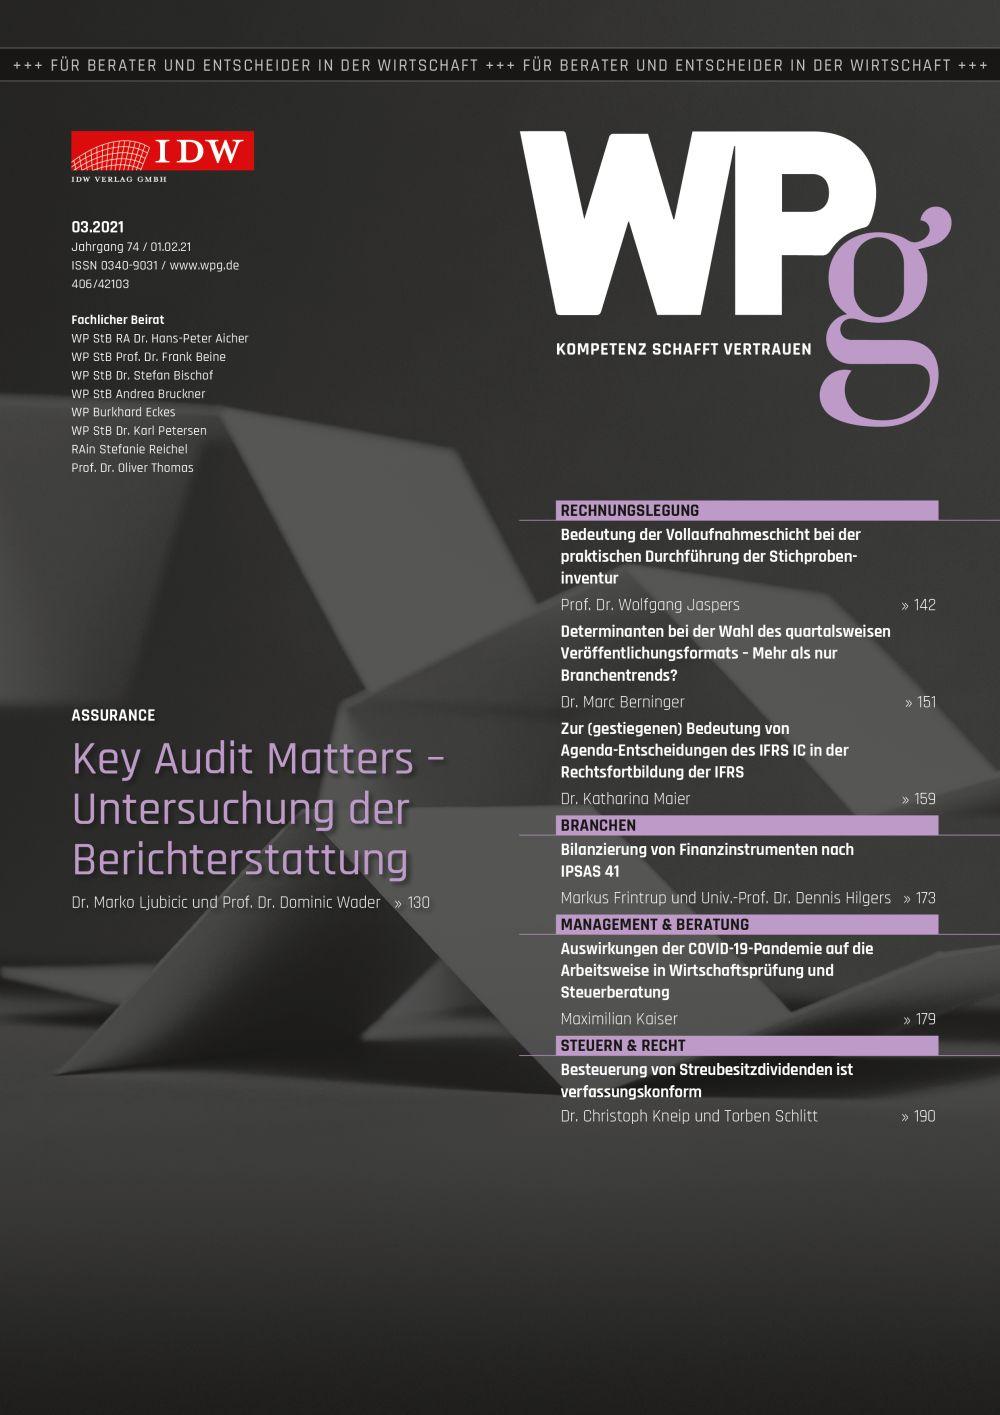 WPg - Die Wirtschaftsprüfung 3/2021